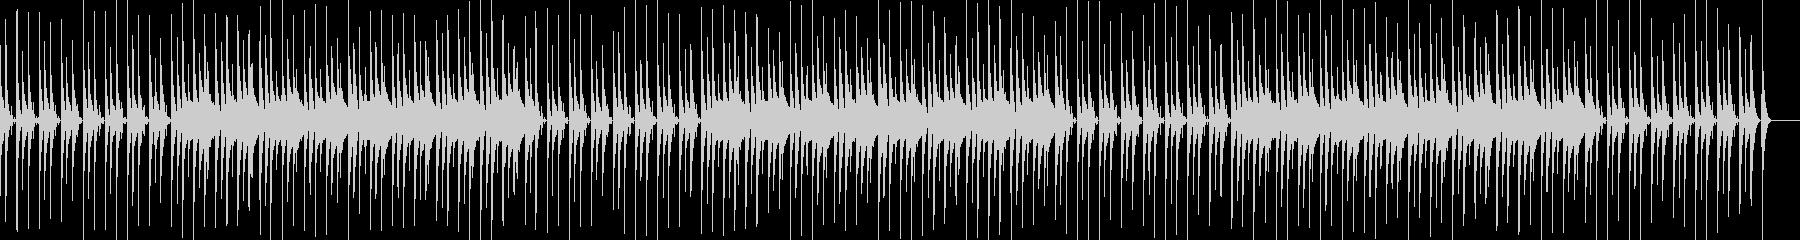 日常系BGM・シンセ・マリンバの未再生の波形